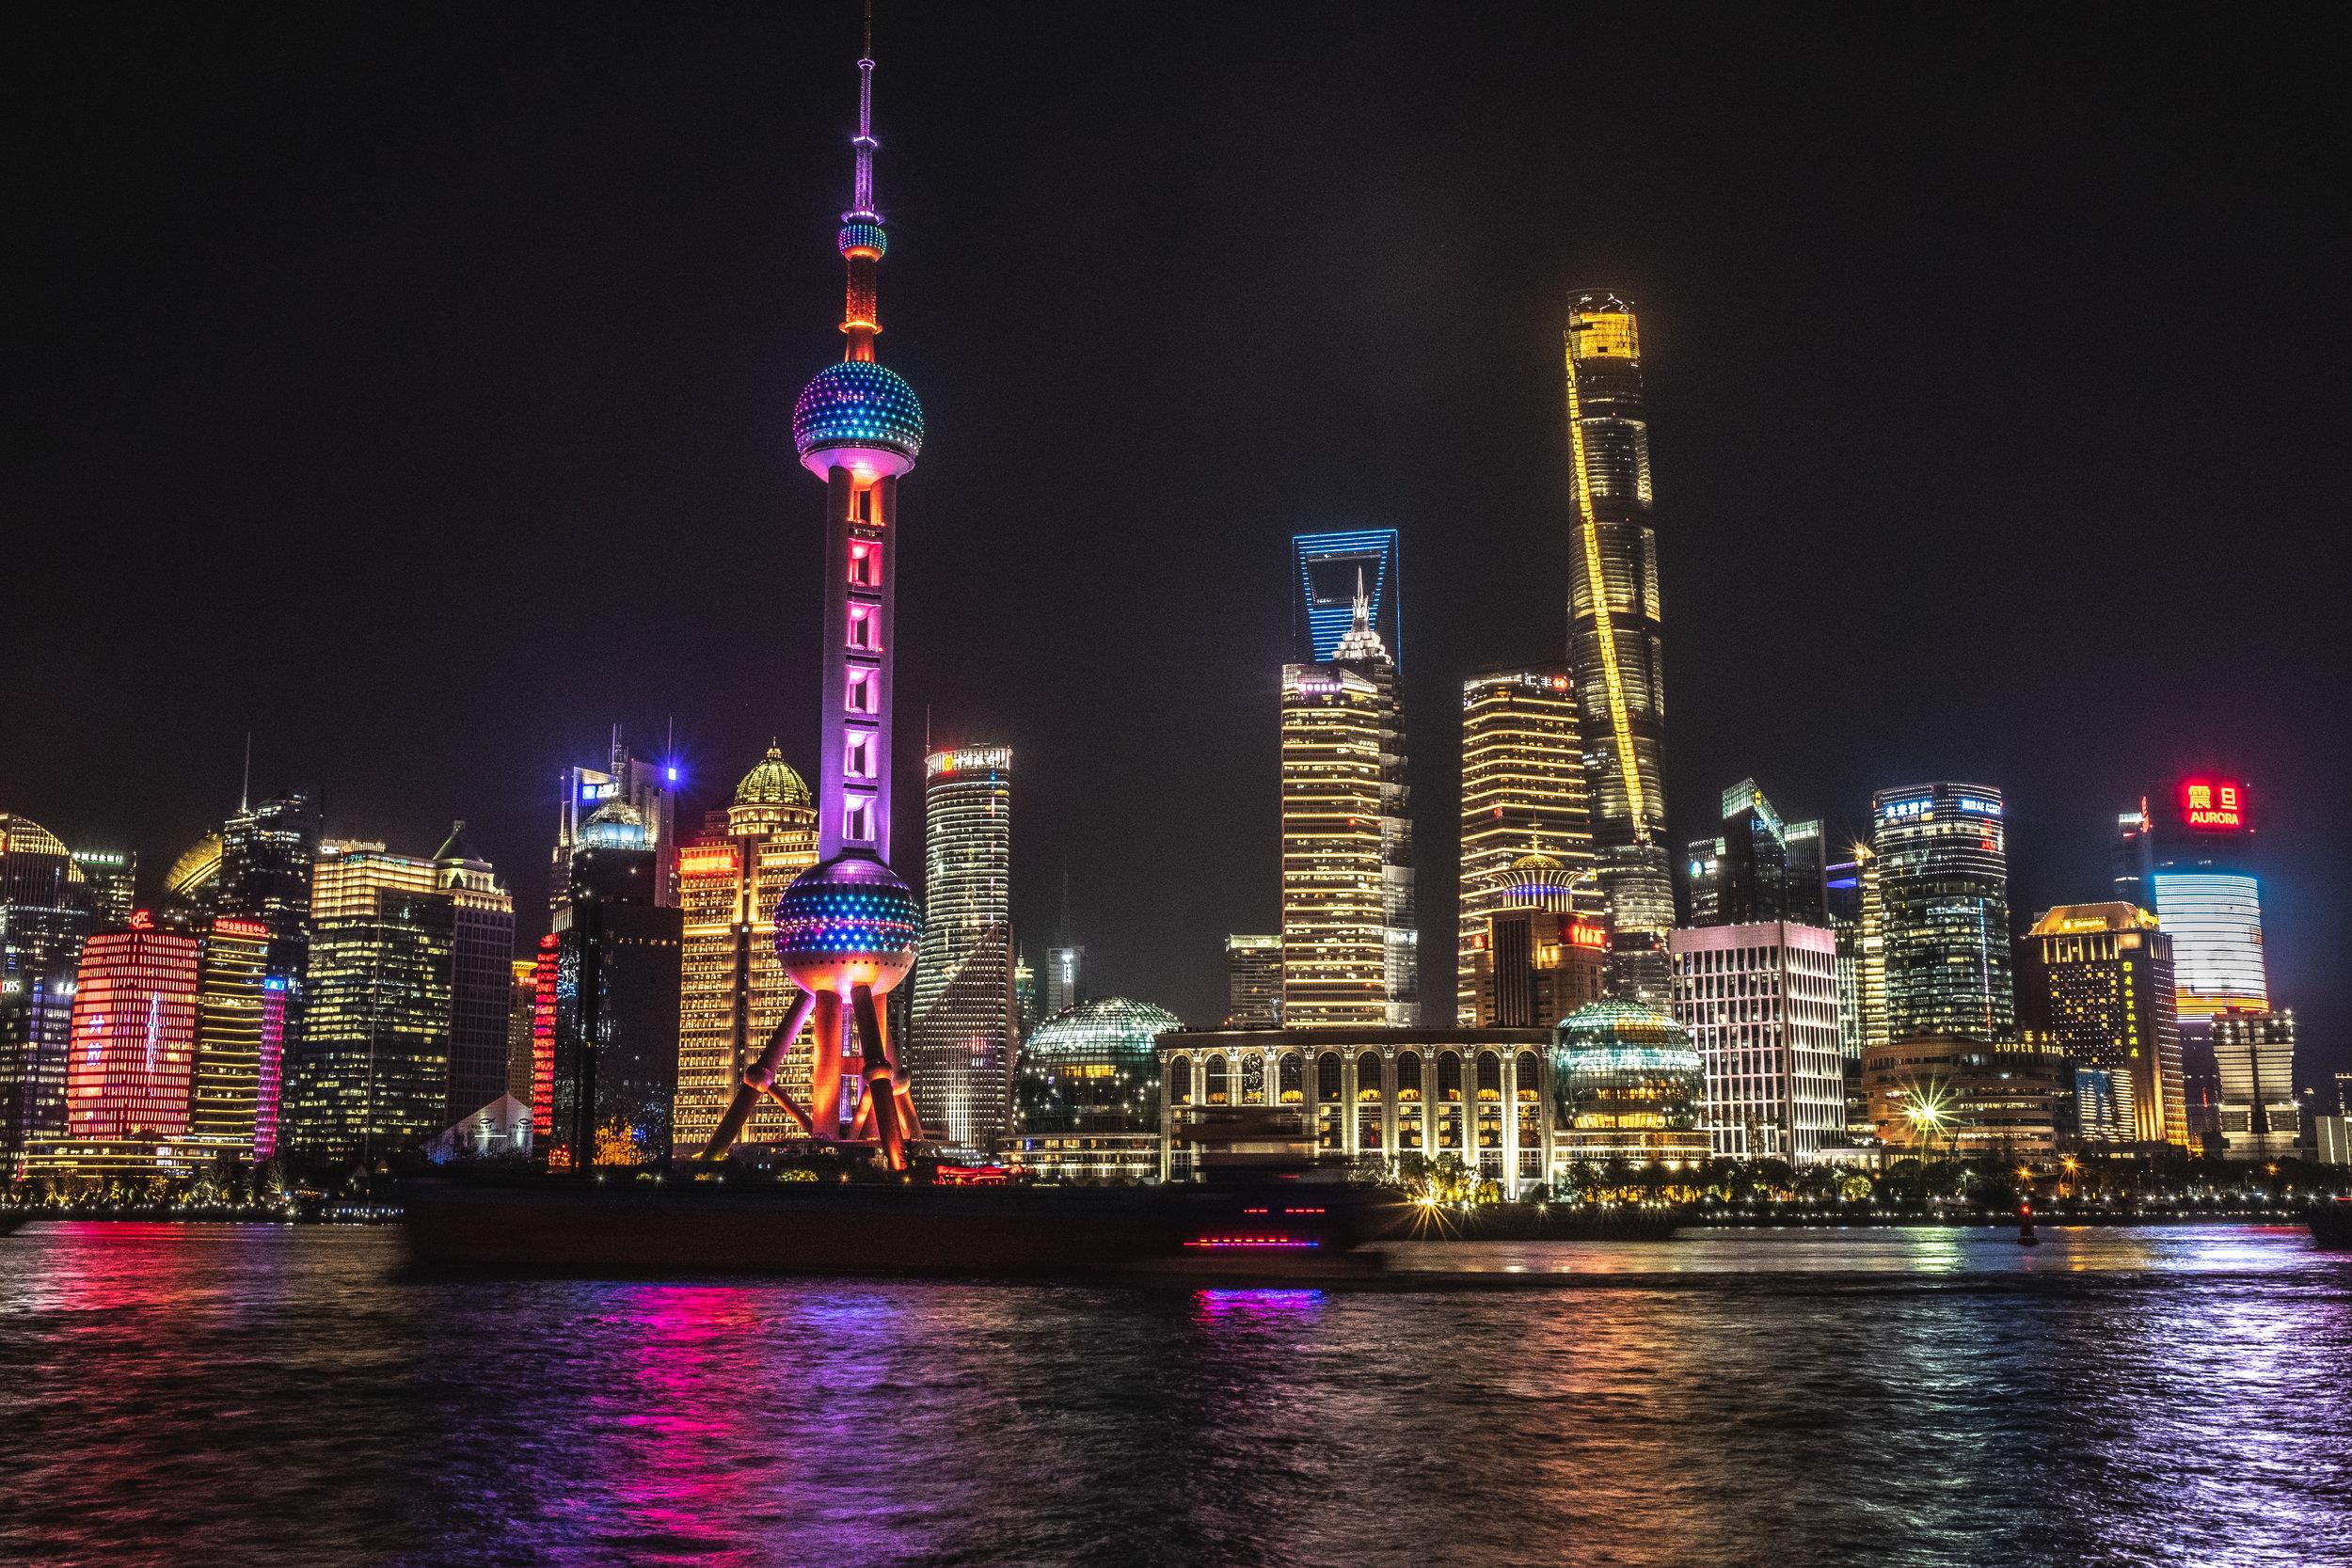 Shanghai - March 2019